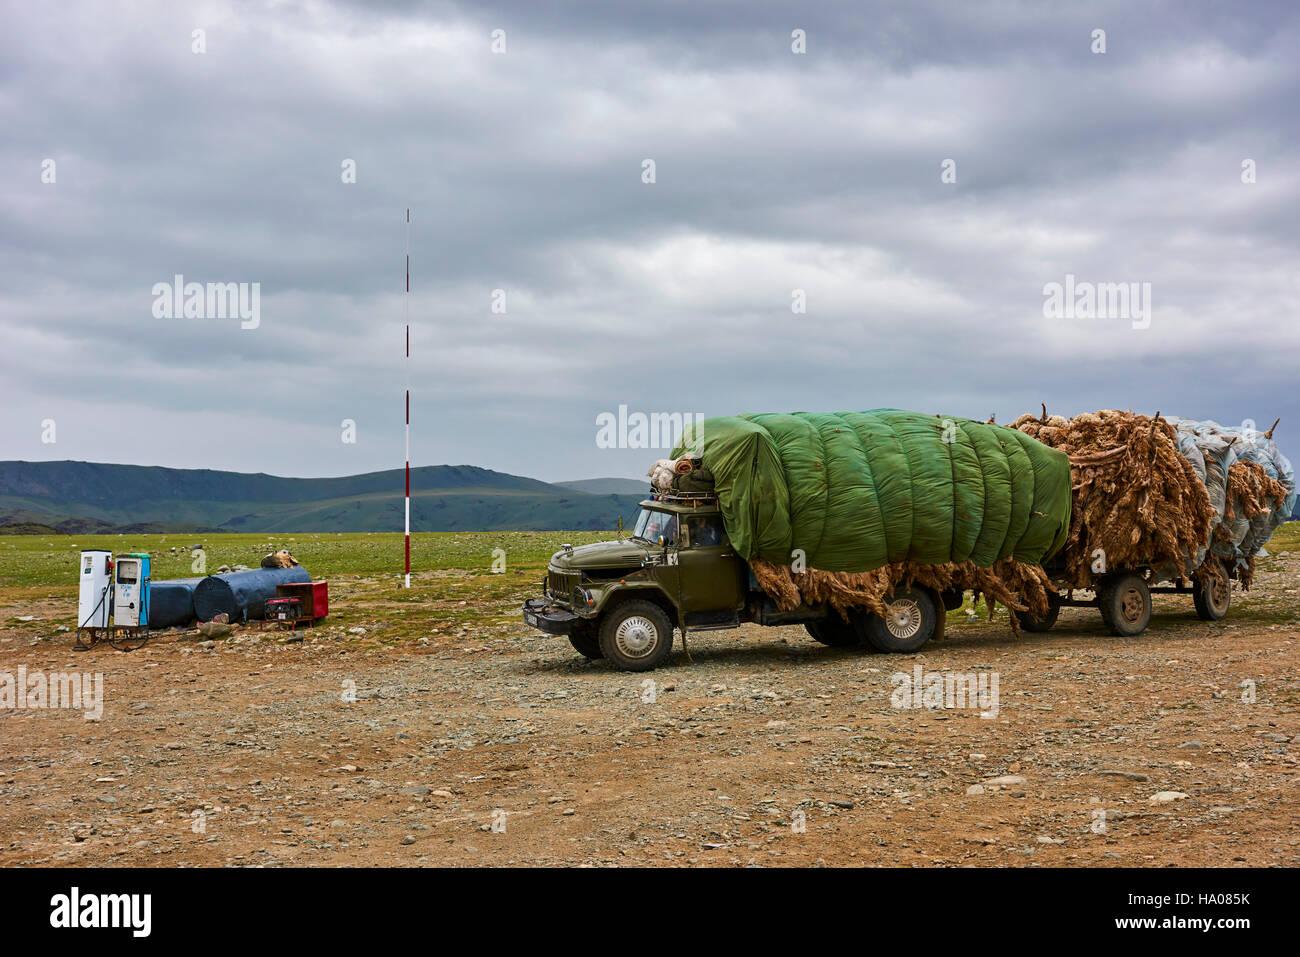 Mongolia, Bayan-Ulgii provincia, oeste de Mongolia, un camión sobrecargado con la lana al pompe gasolina Imagen De Stock